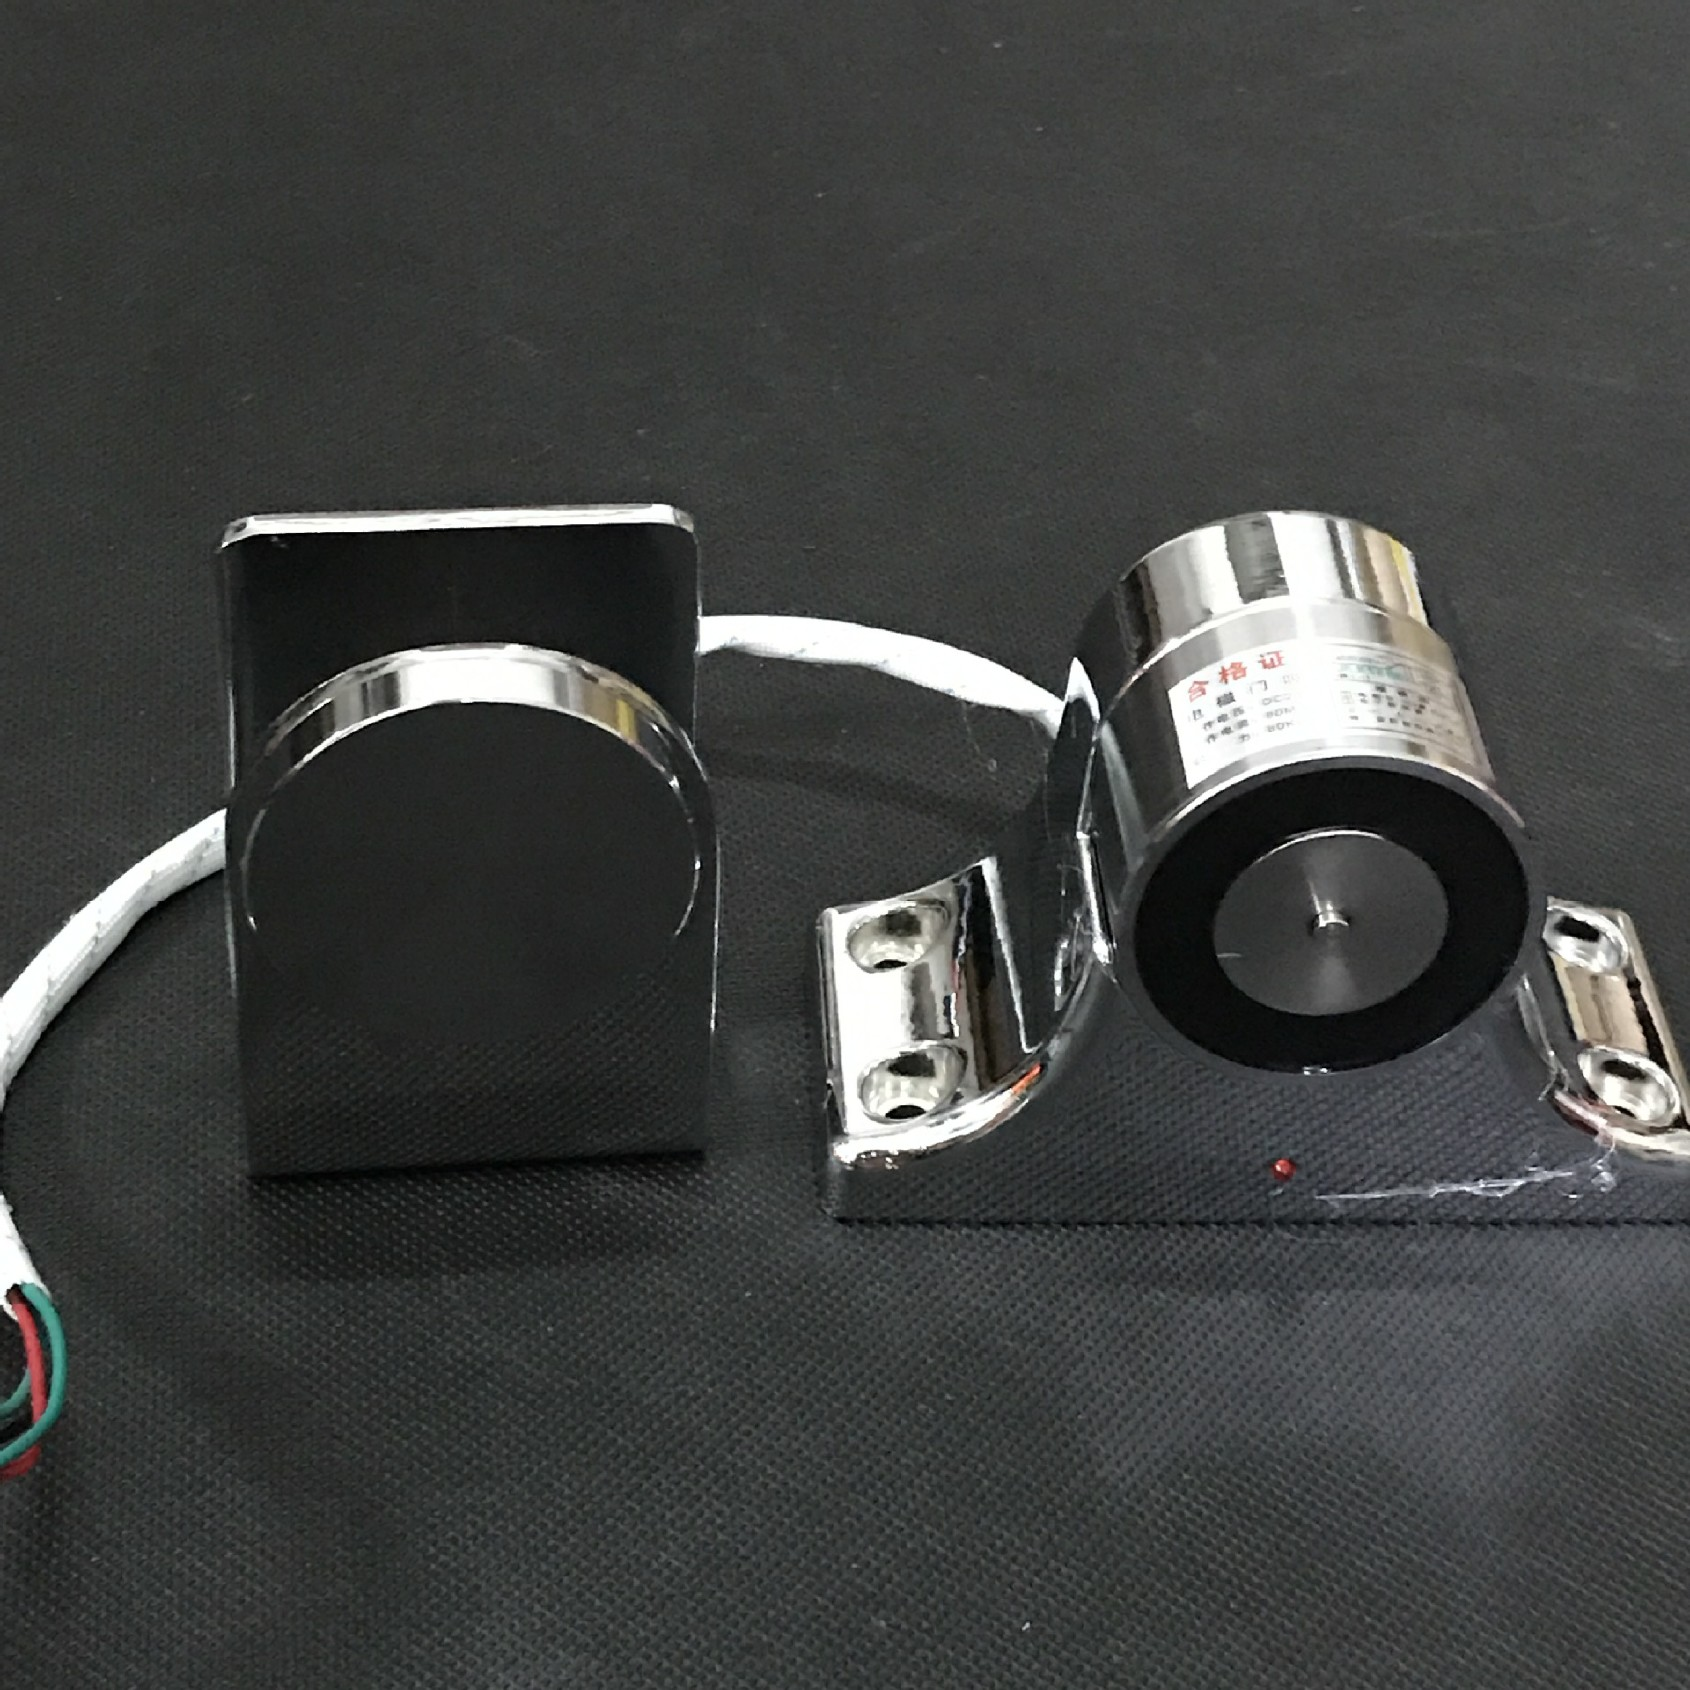 精品推薦DC-09B玻璃門吸 強磁性電磁門吸 常開防火門電磁門吸